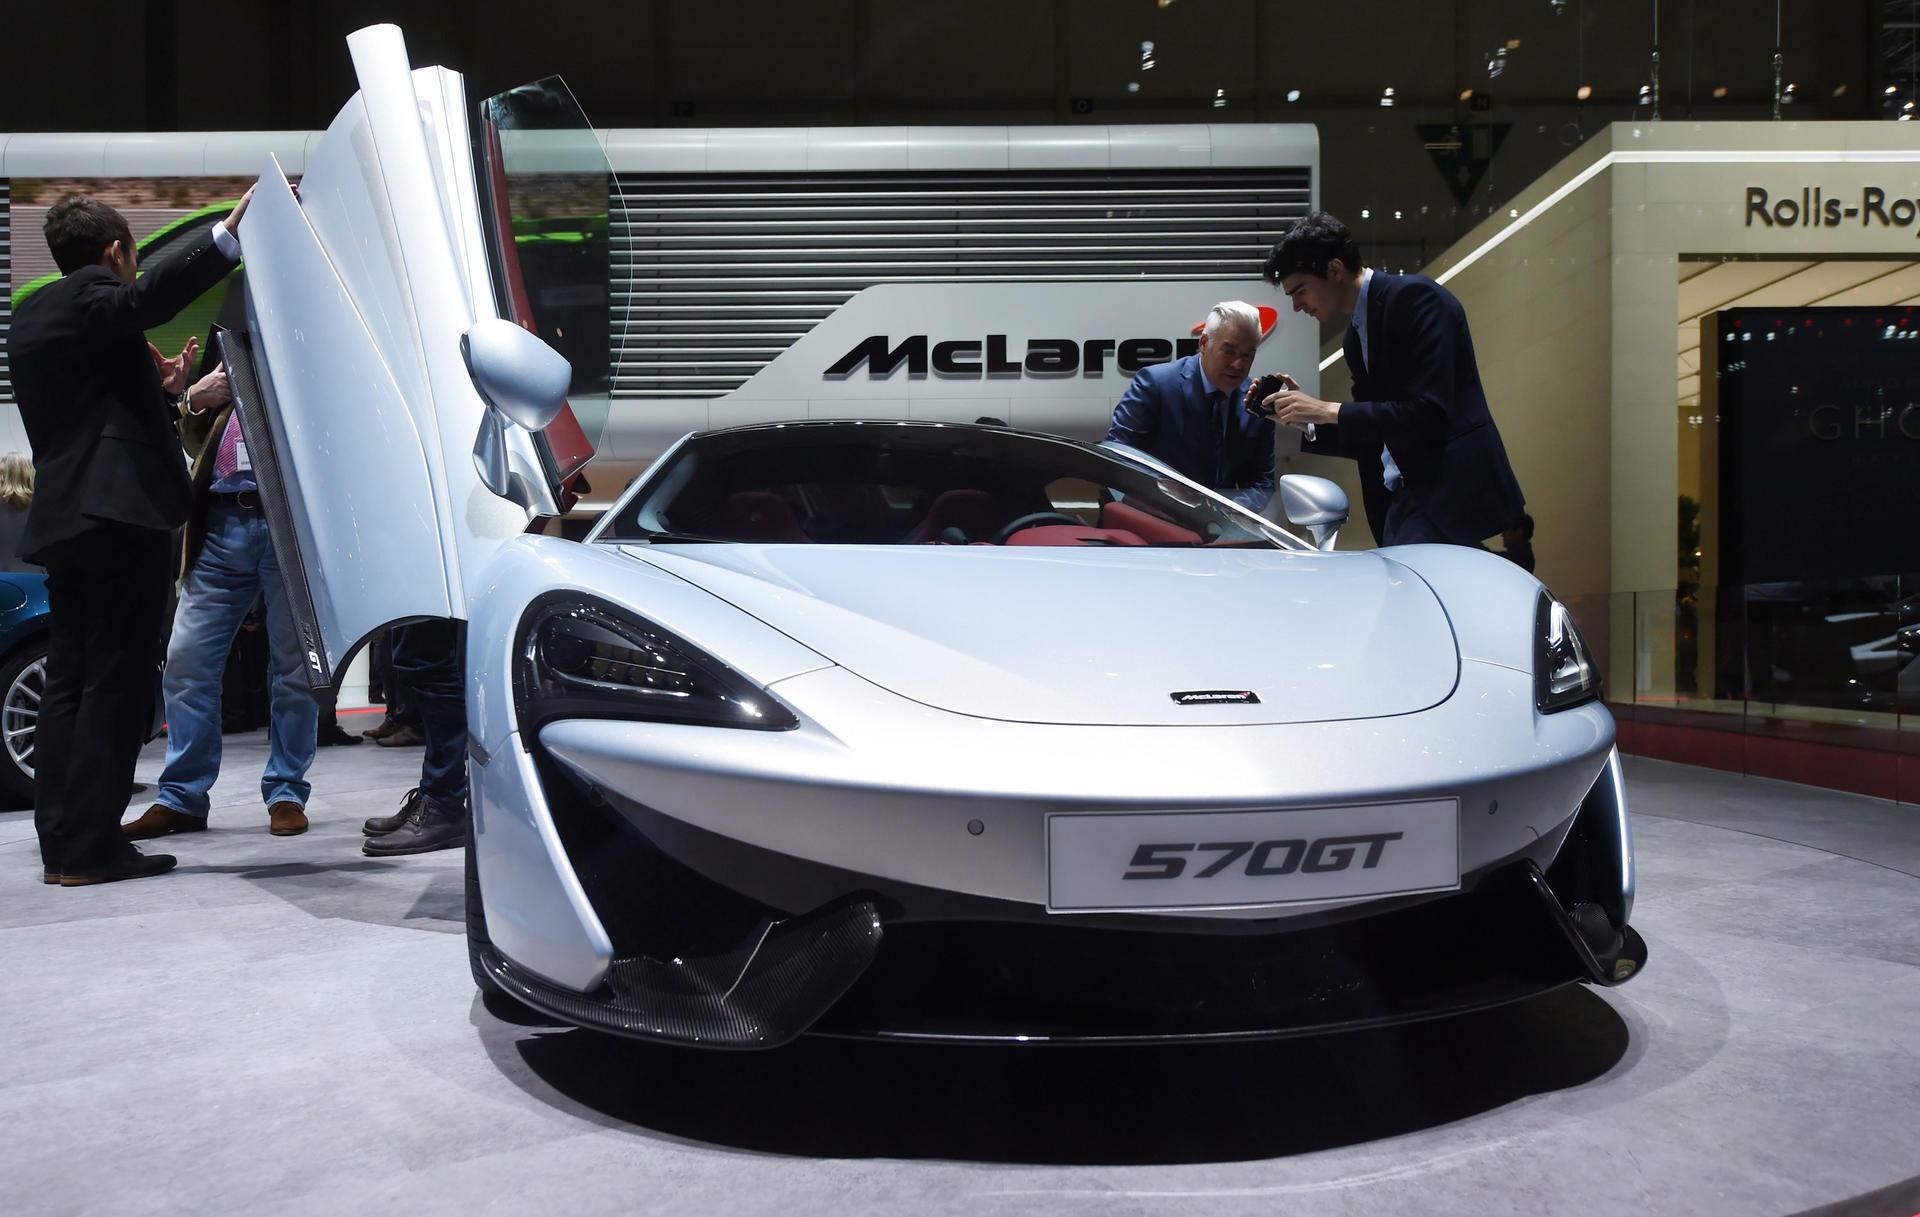 McLaren : Rennwagen-Schmiede dementiert Gespräche mit Apple